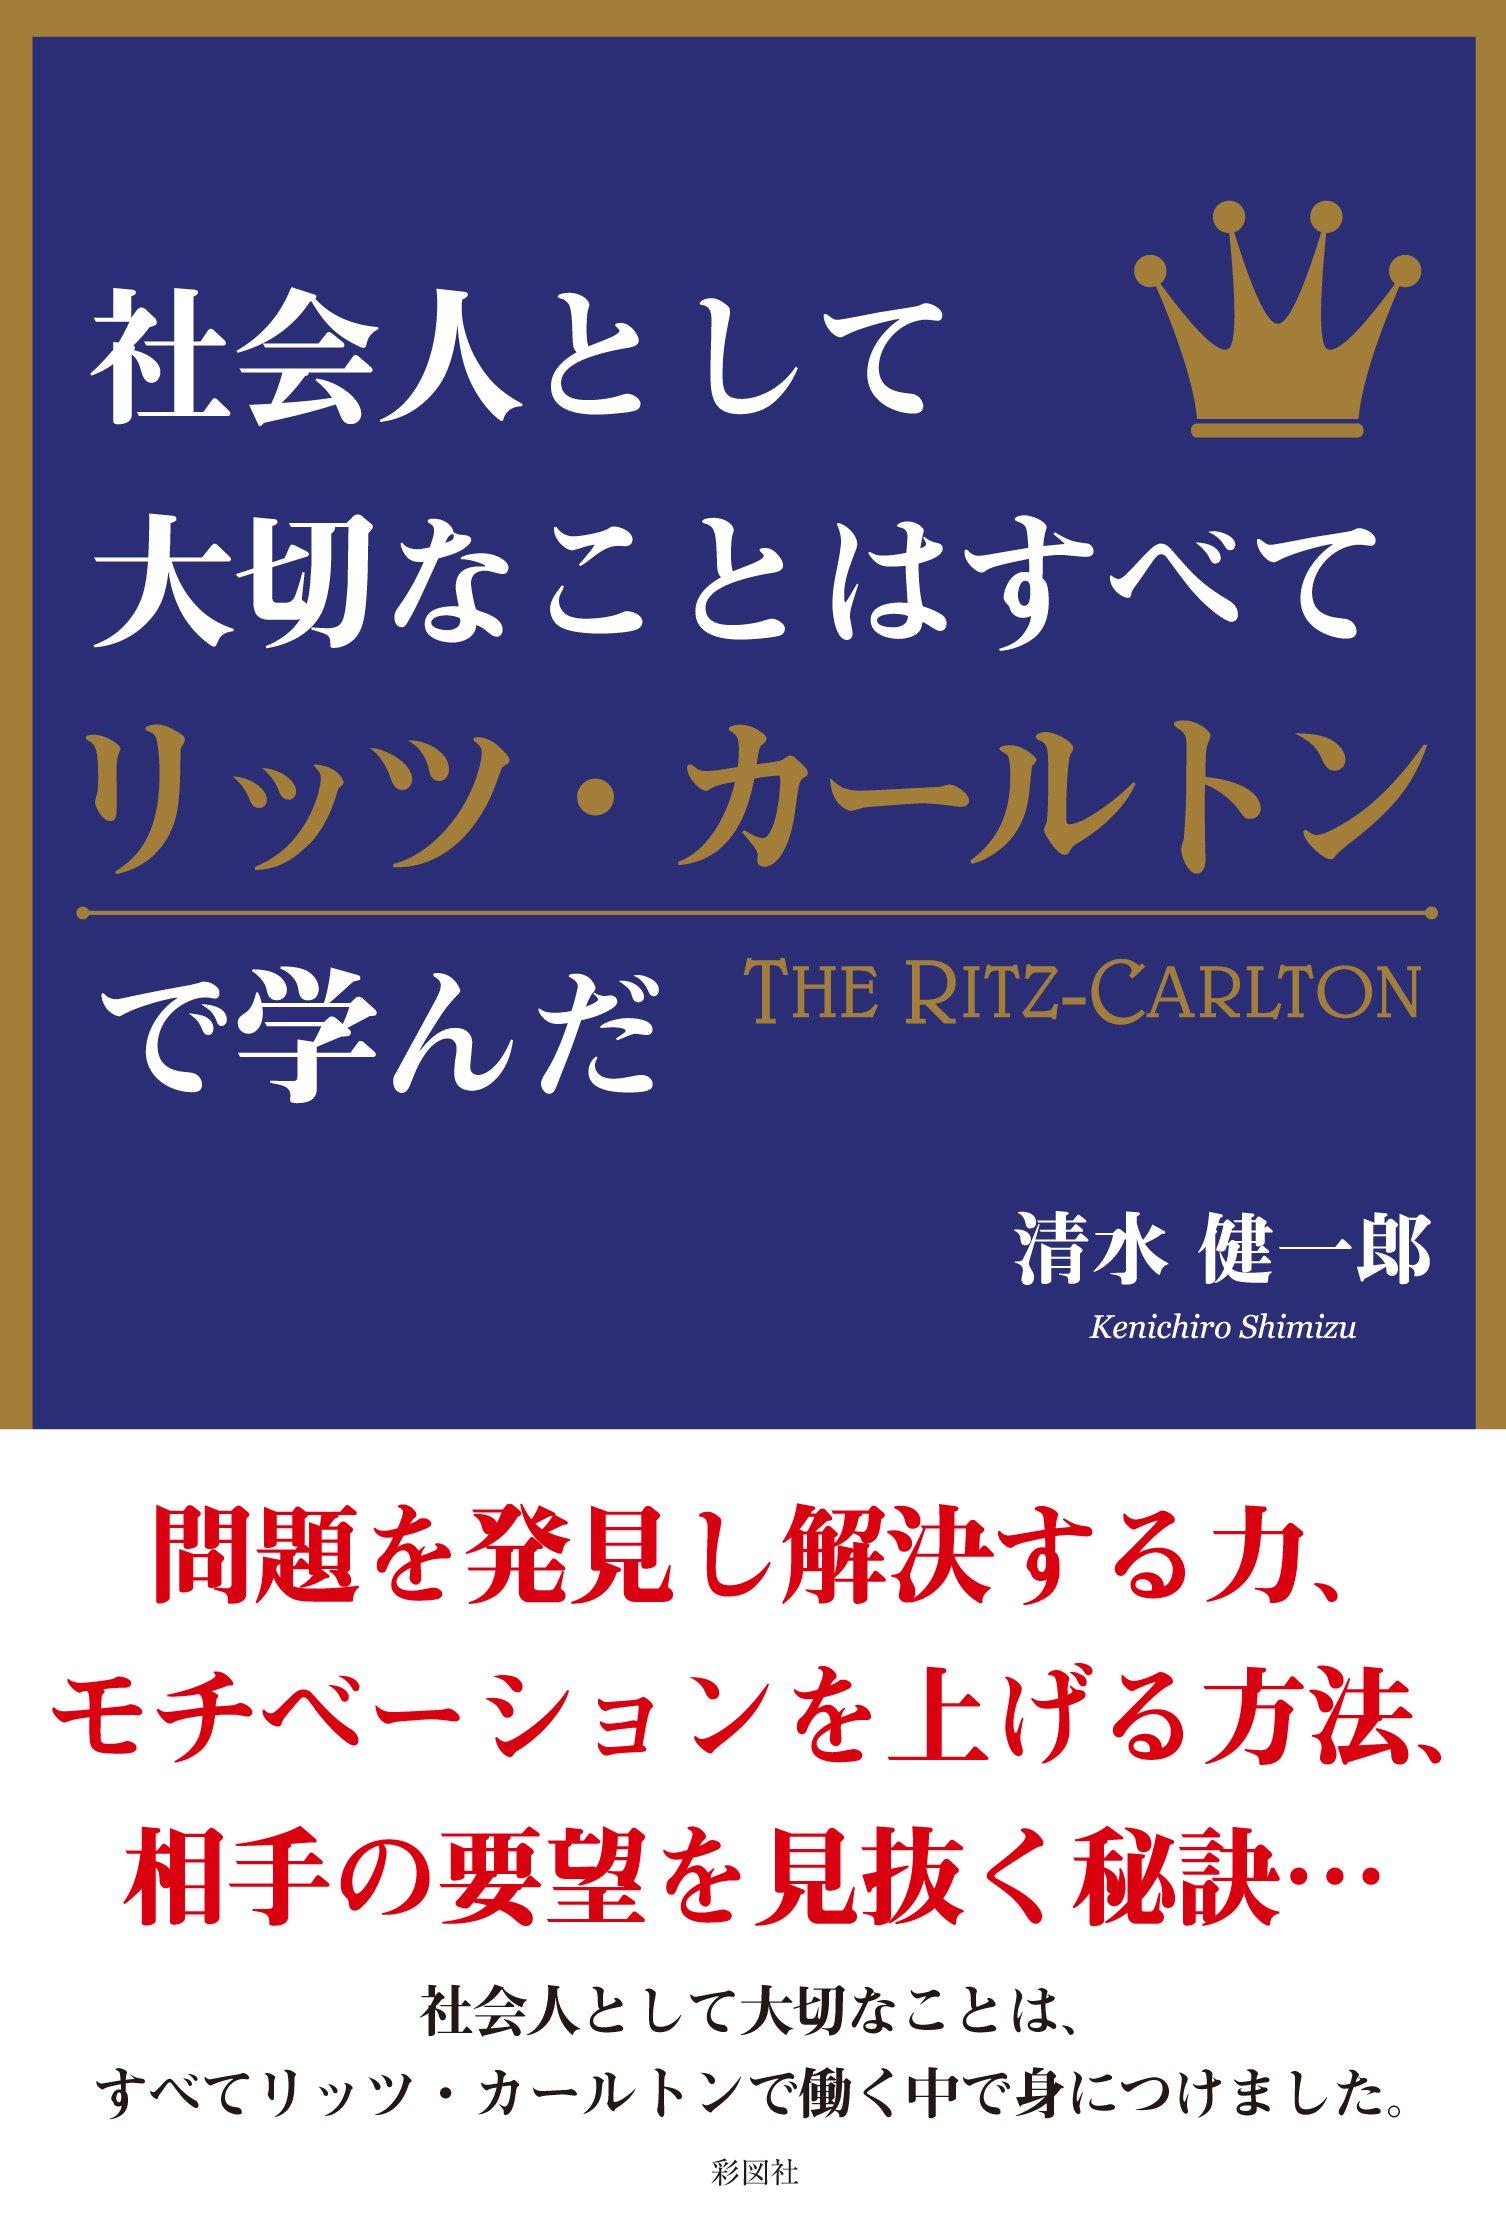 社会人として大切なことはすべてリッツ・カールトンで学んだ/清水健一郎(著)